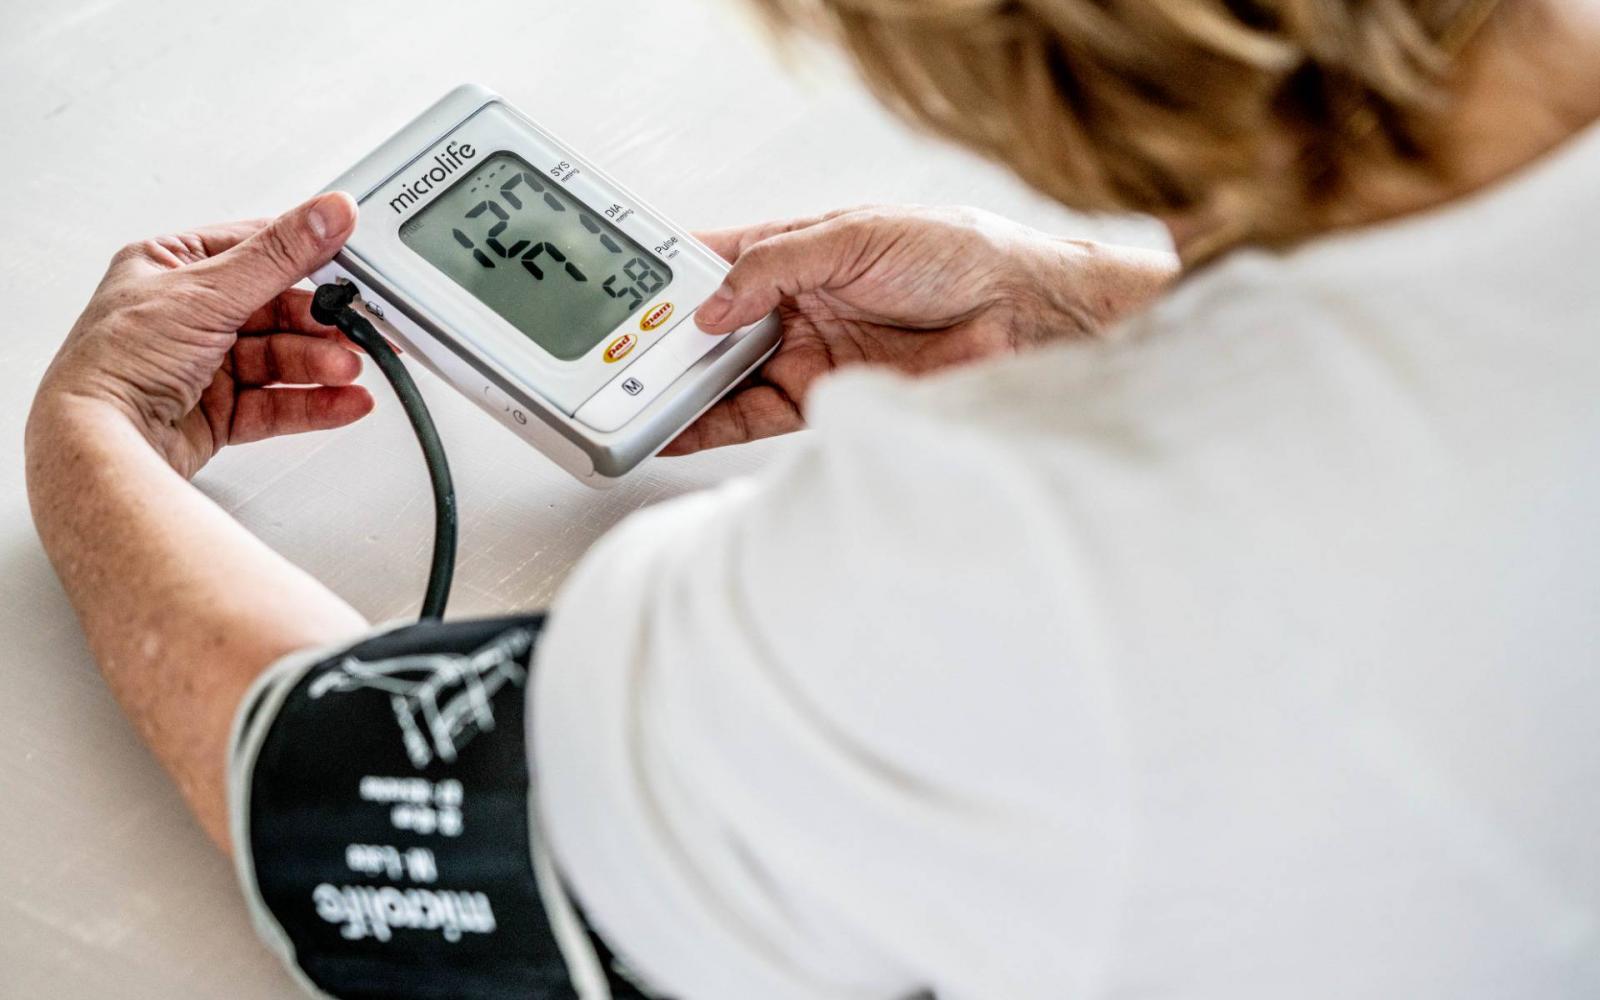 hogyan lehet a 2 fokozatú magas vérnyomást előállítani